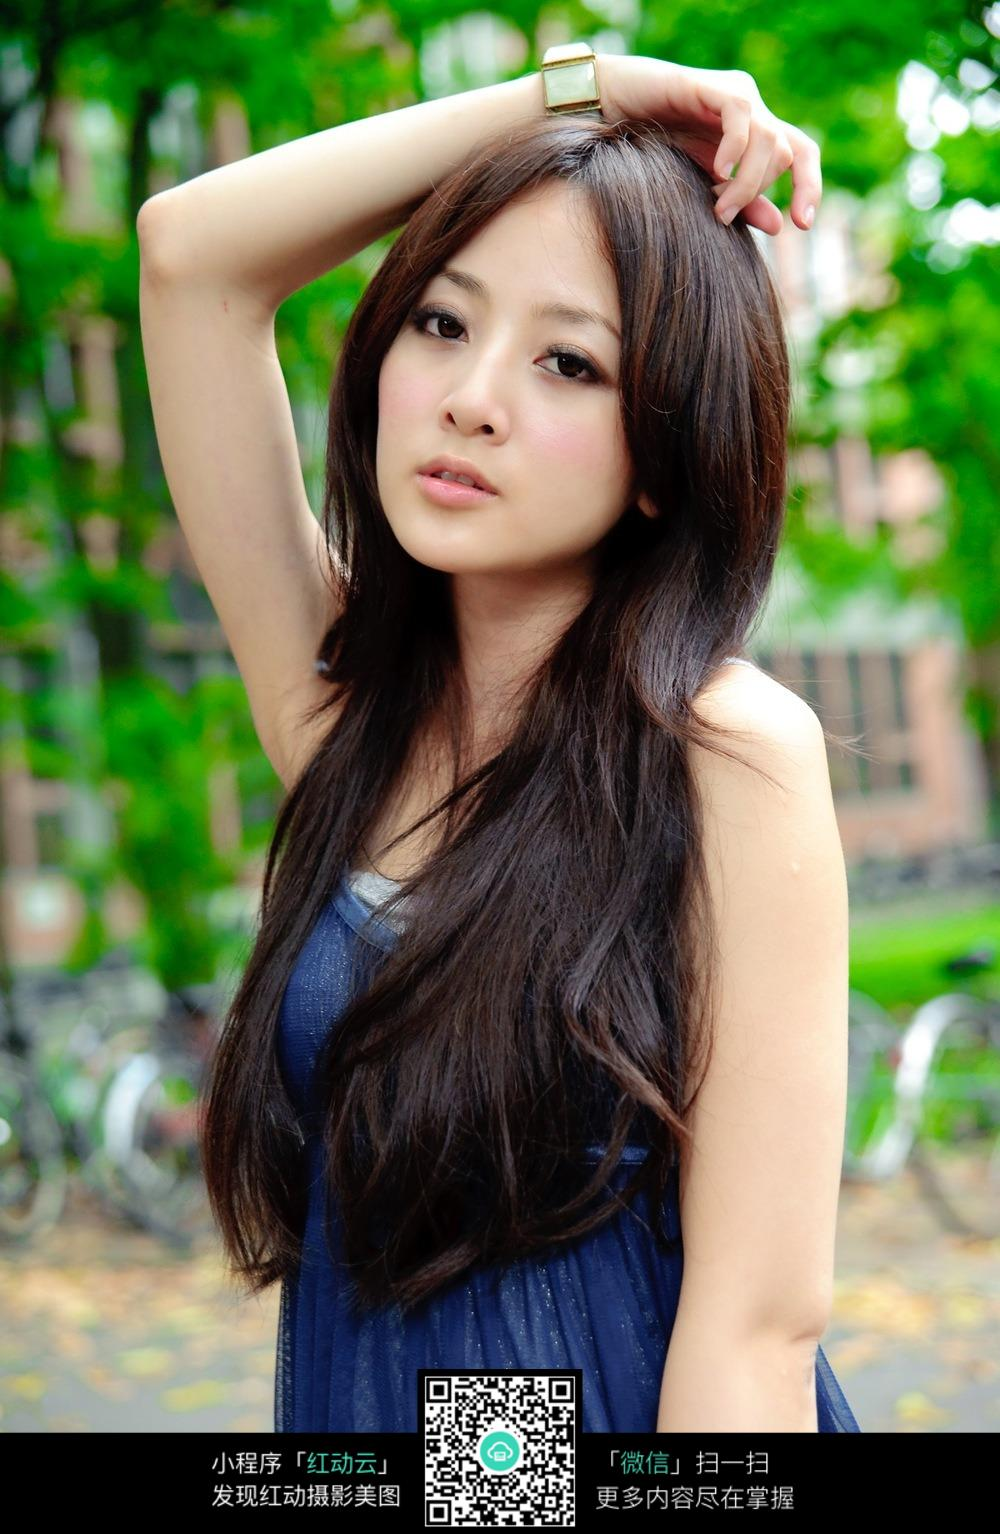 手放头上的长发美女模特图片